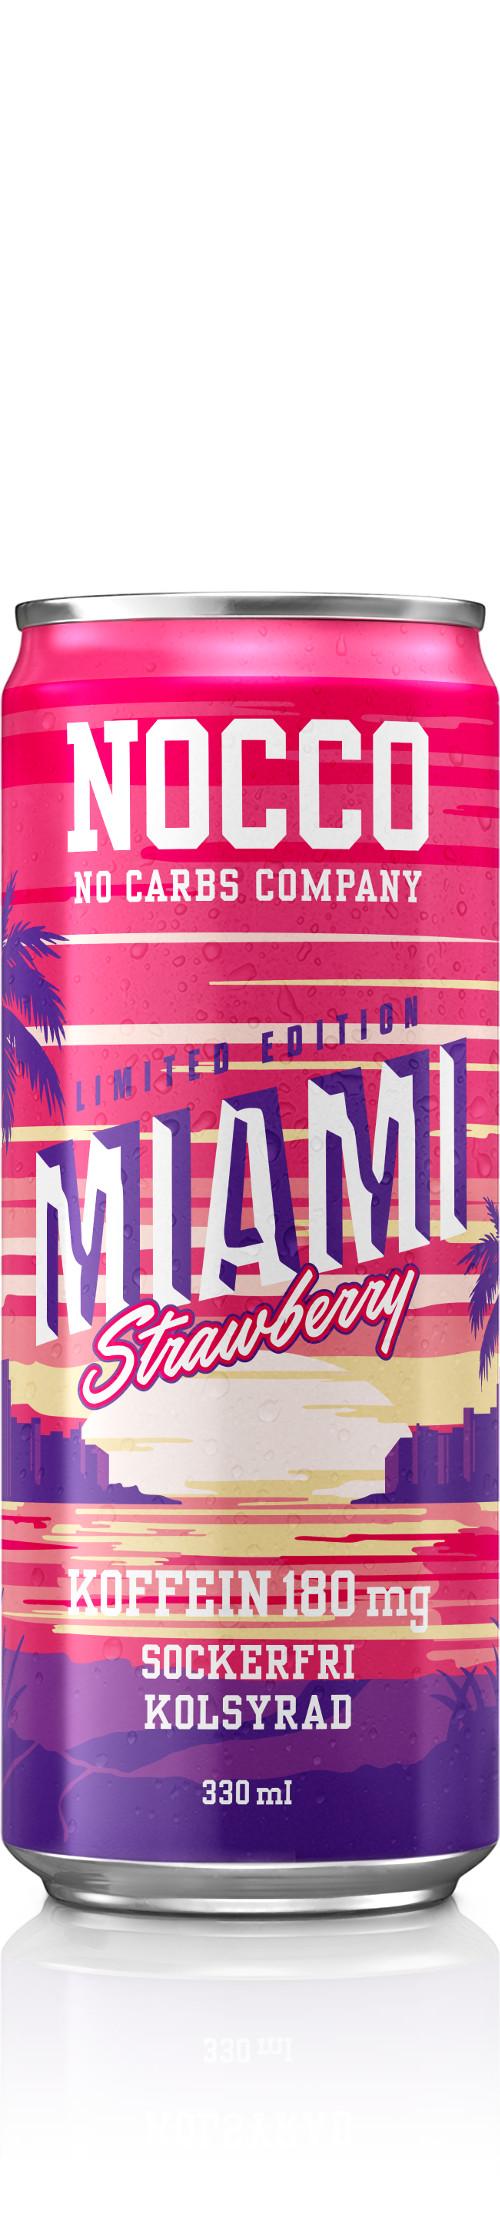 Nocco Summer Miami Strawberry 33 B